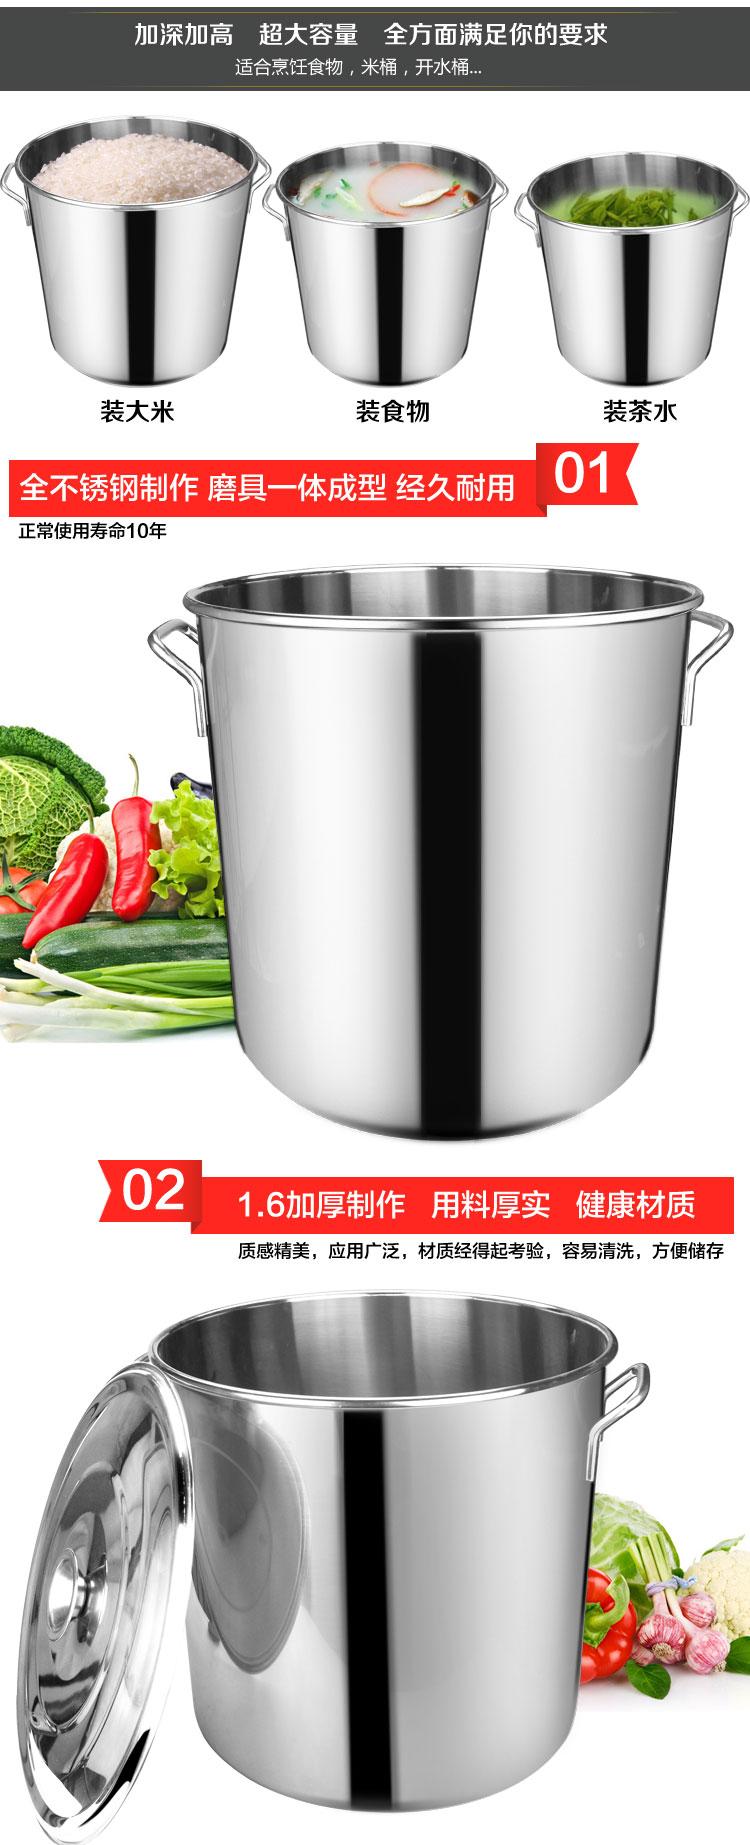 6 特大容量汤桶带盖圆桶水桶 加厚不锈钢桶奶茶桶米桶油桶(30cm)